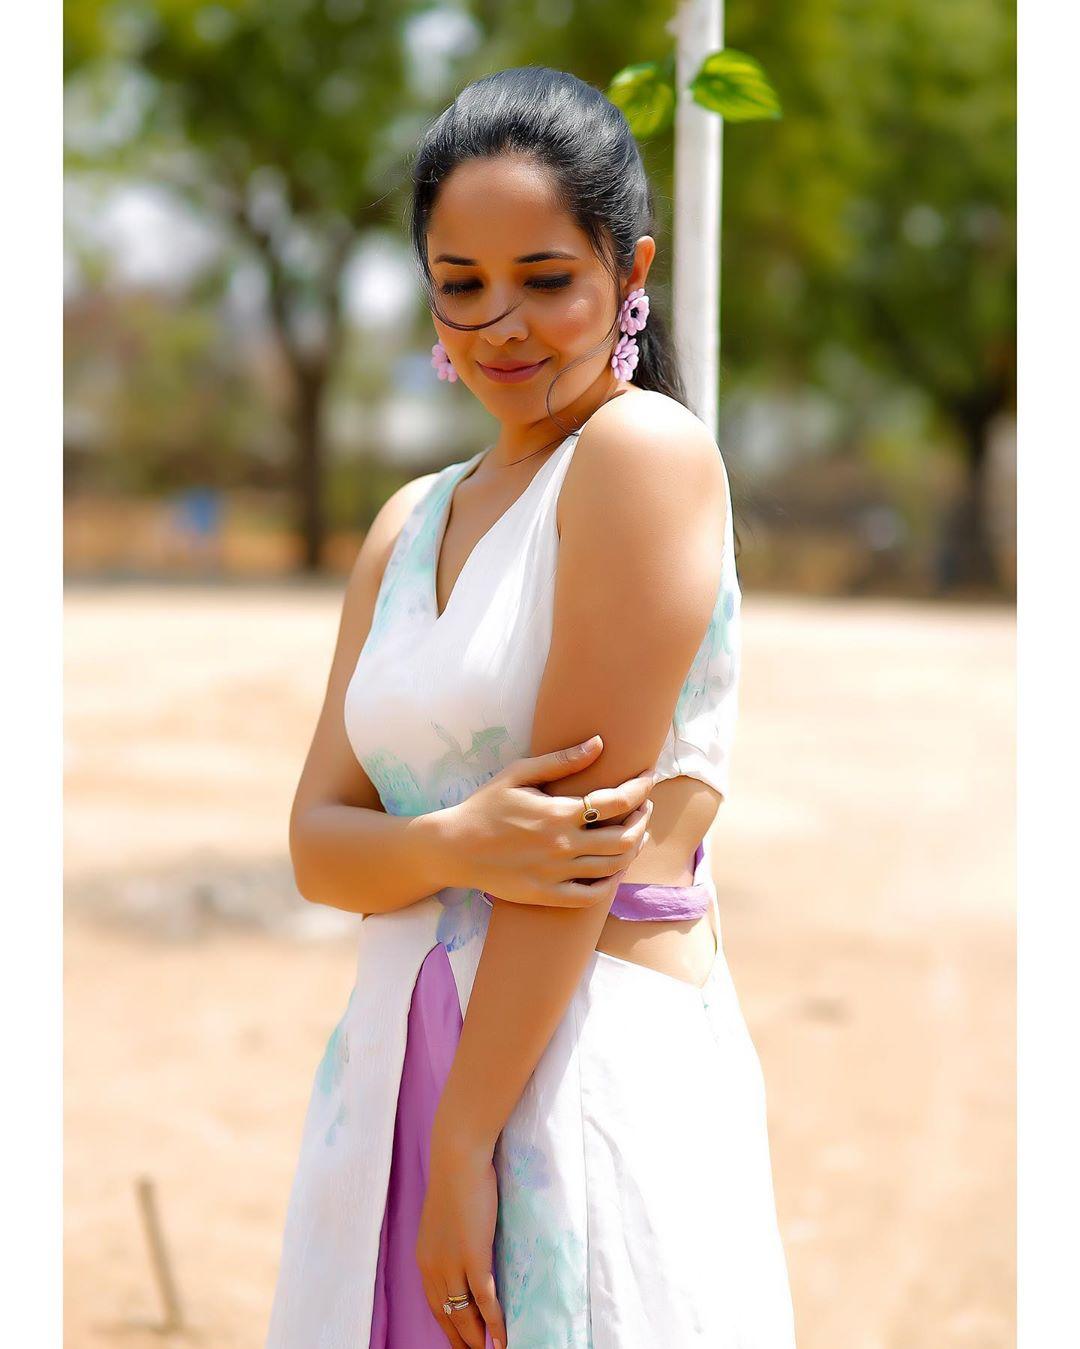 జబర్దస్త్ భామ అనసూయ లేటెస్ట్ ఫోటో షూట్ Photo: Instagram.com/itsme_anasuya